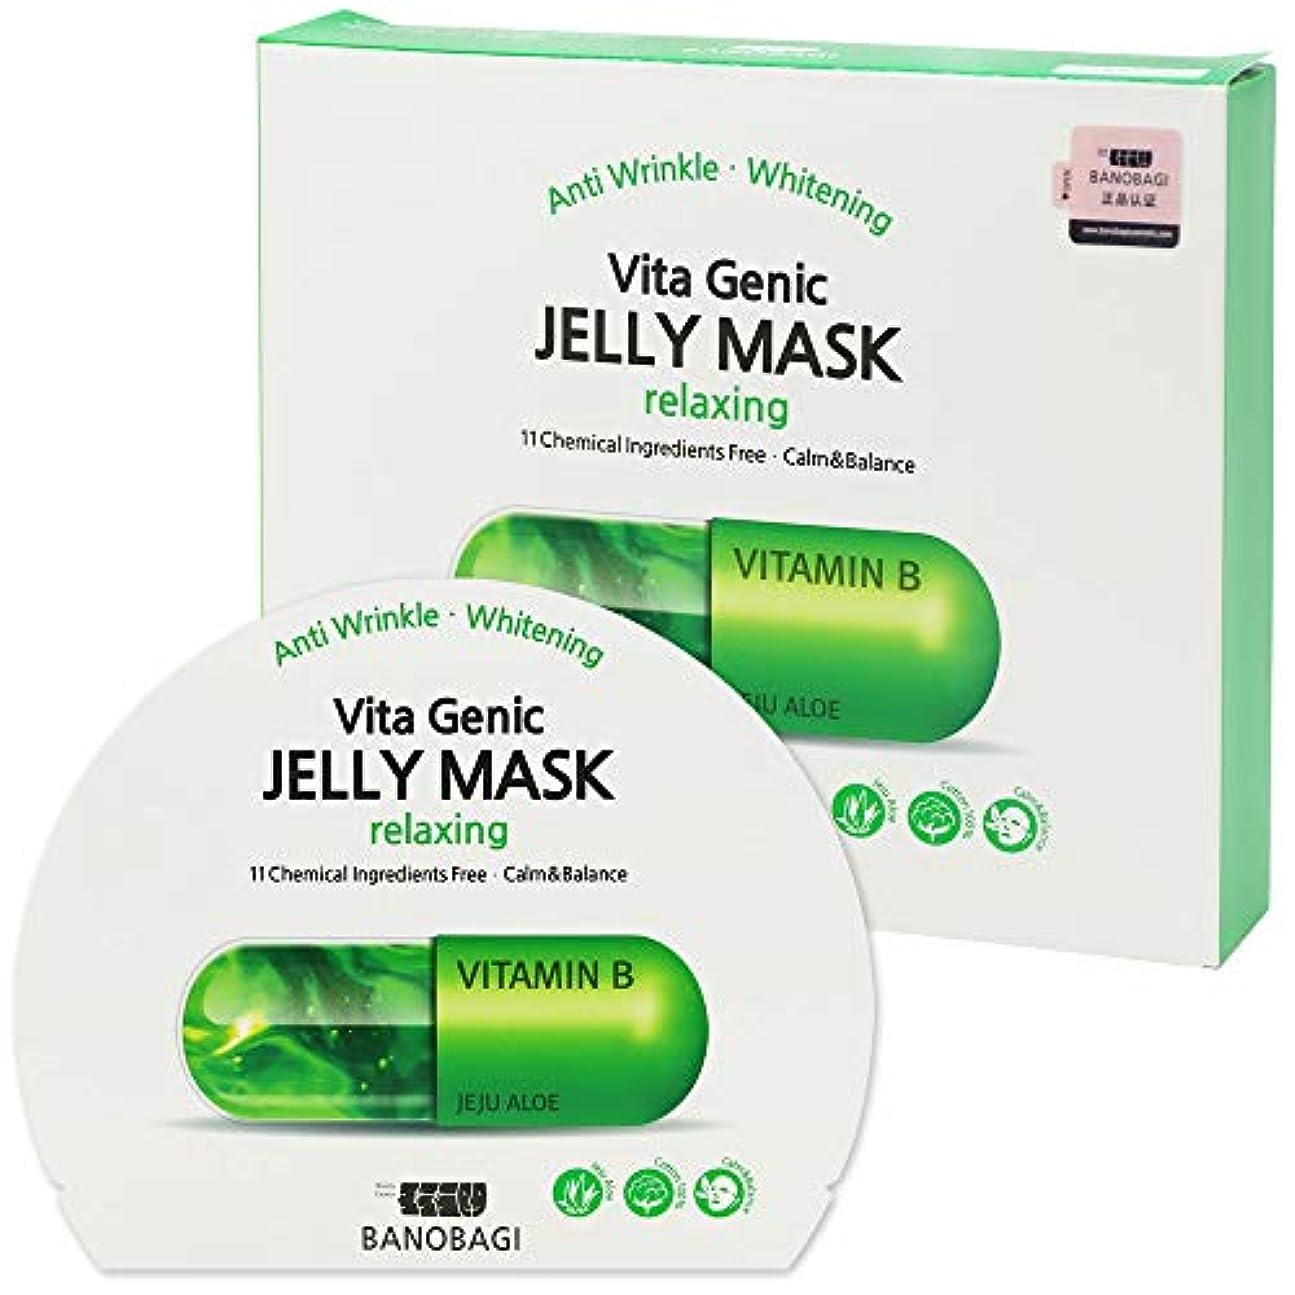 アーティキュレーション男らしい厚さバナバギ[BANOBAGI] ヴィータジェニックゼリーマスク★リラックス(緑)30mlx10P / Vita Genic Jelly Mask (Relaxing-Green)